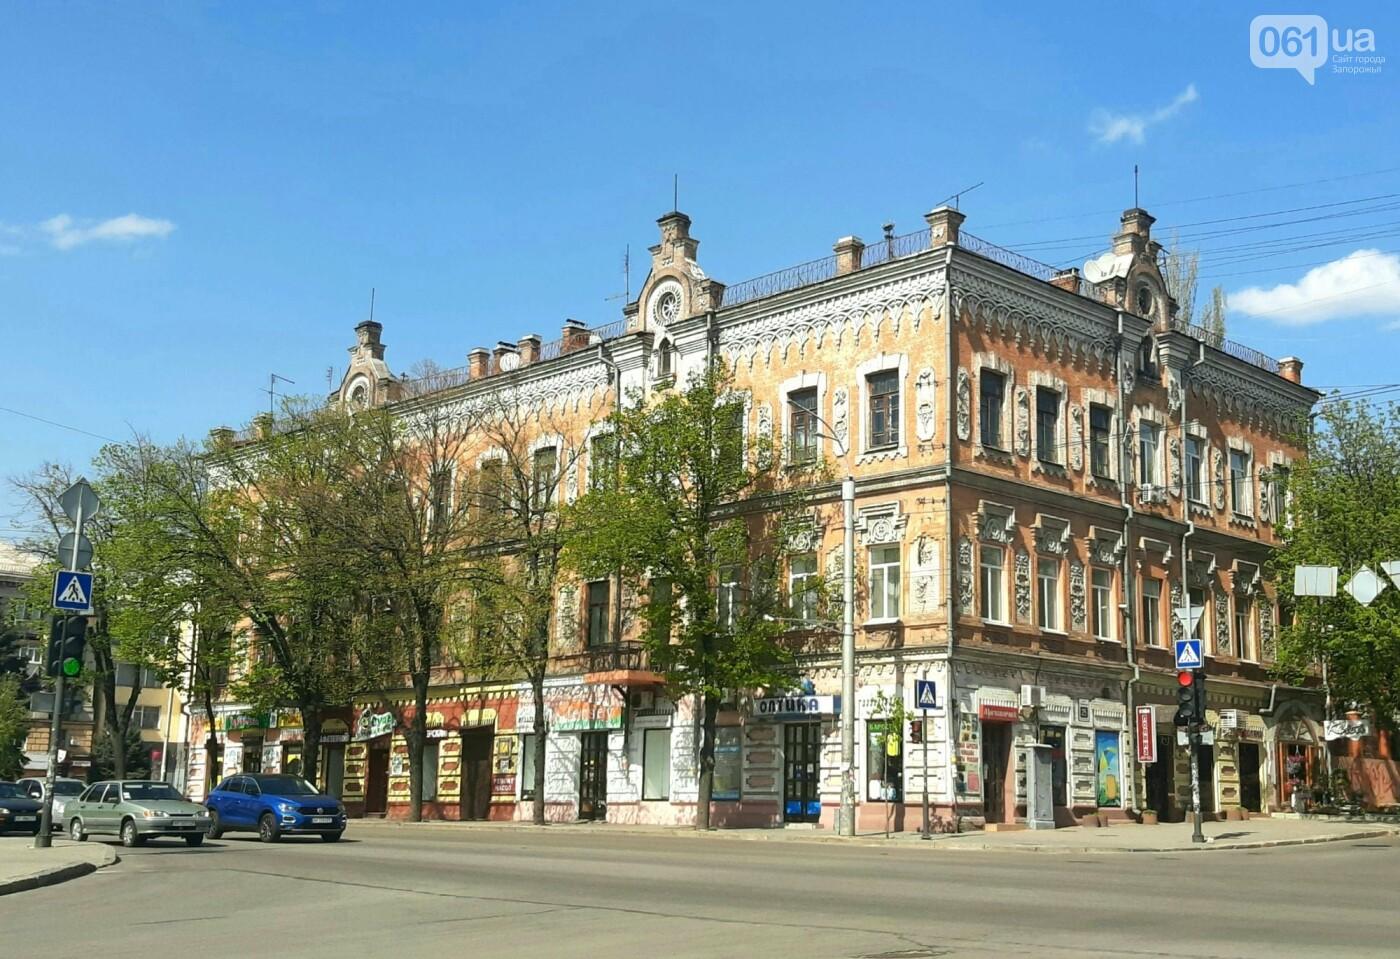 В Госсреестр недвижимых памятников Украины внесли 25 объектов Запорожья - СПИСОК, фото-3